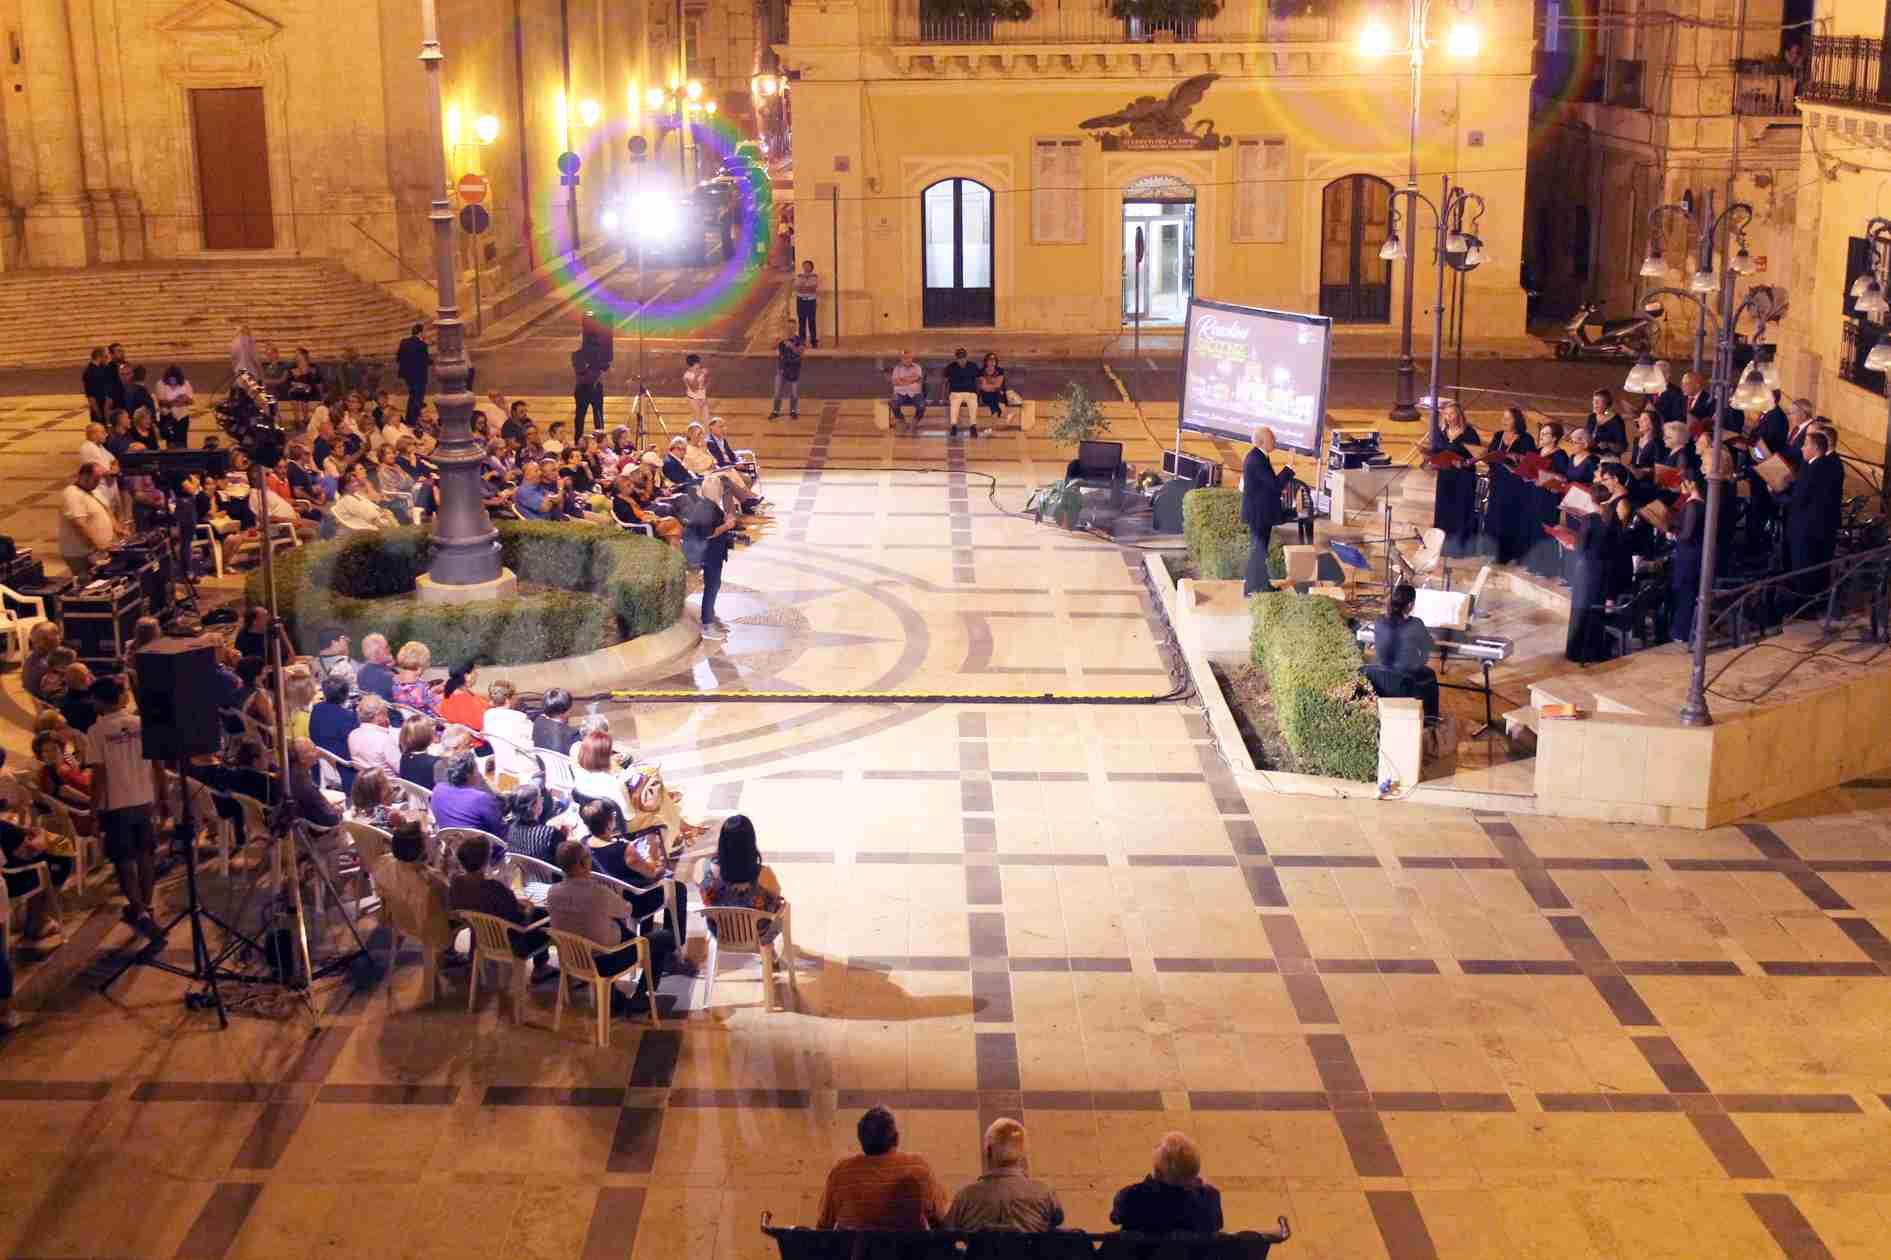 Rosolini si racconta, in piazza Garibaldi in scena arte, musica, cultura e spettacolo